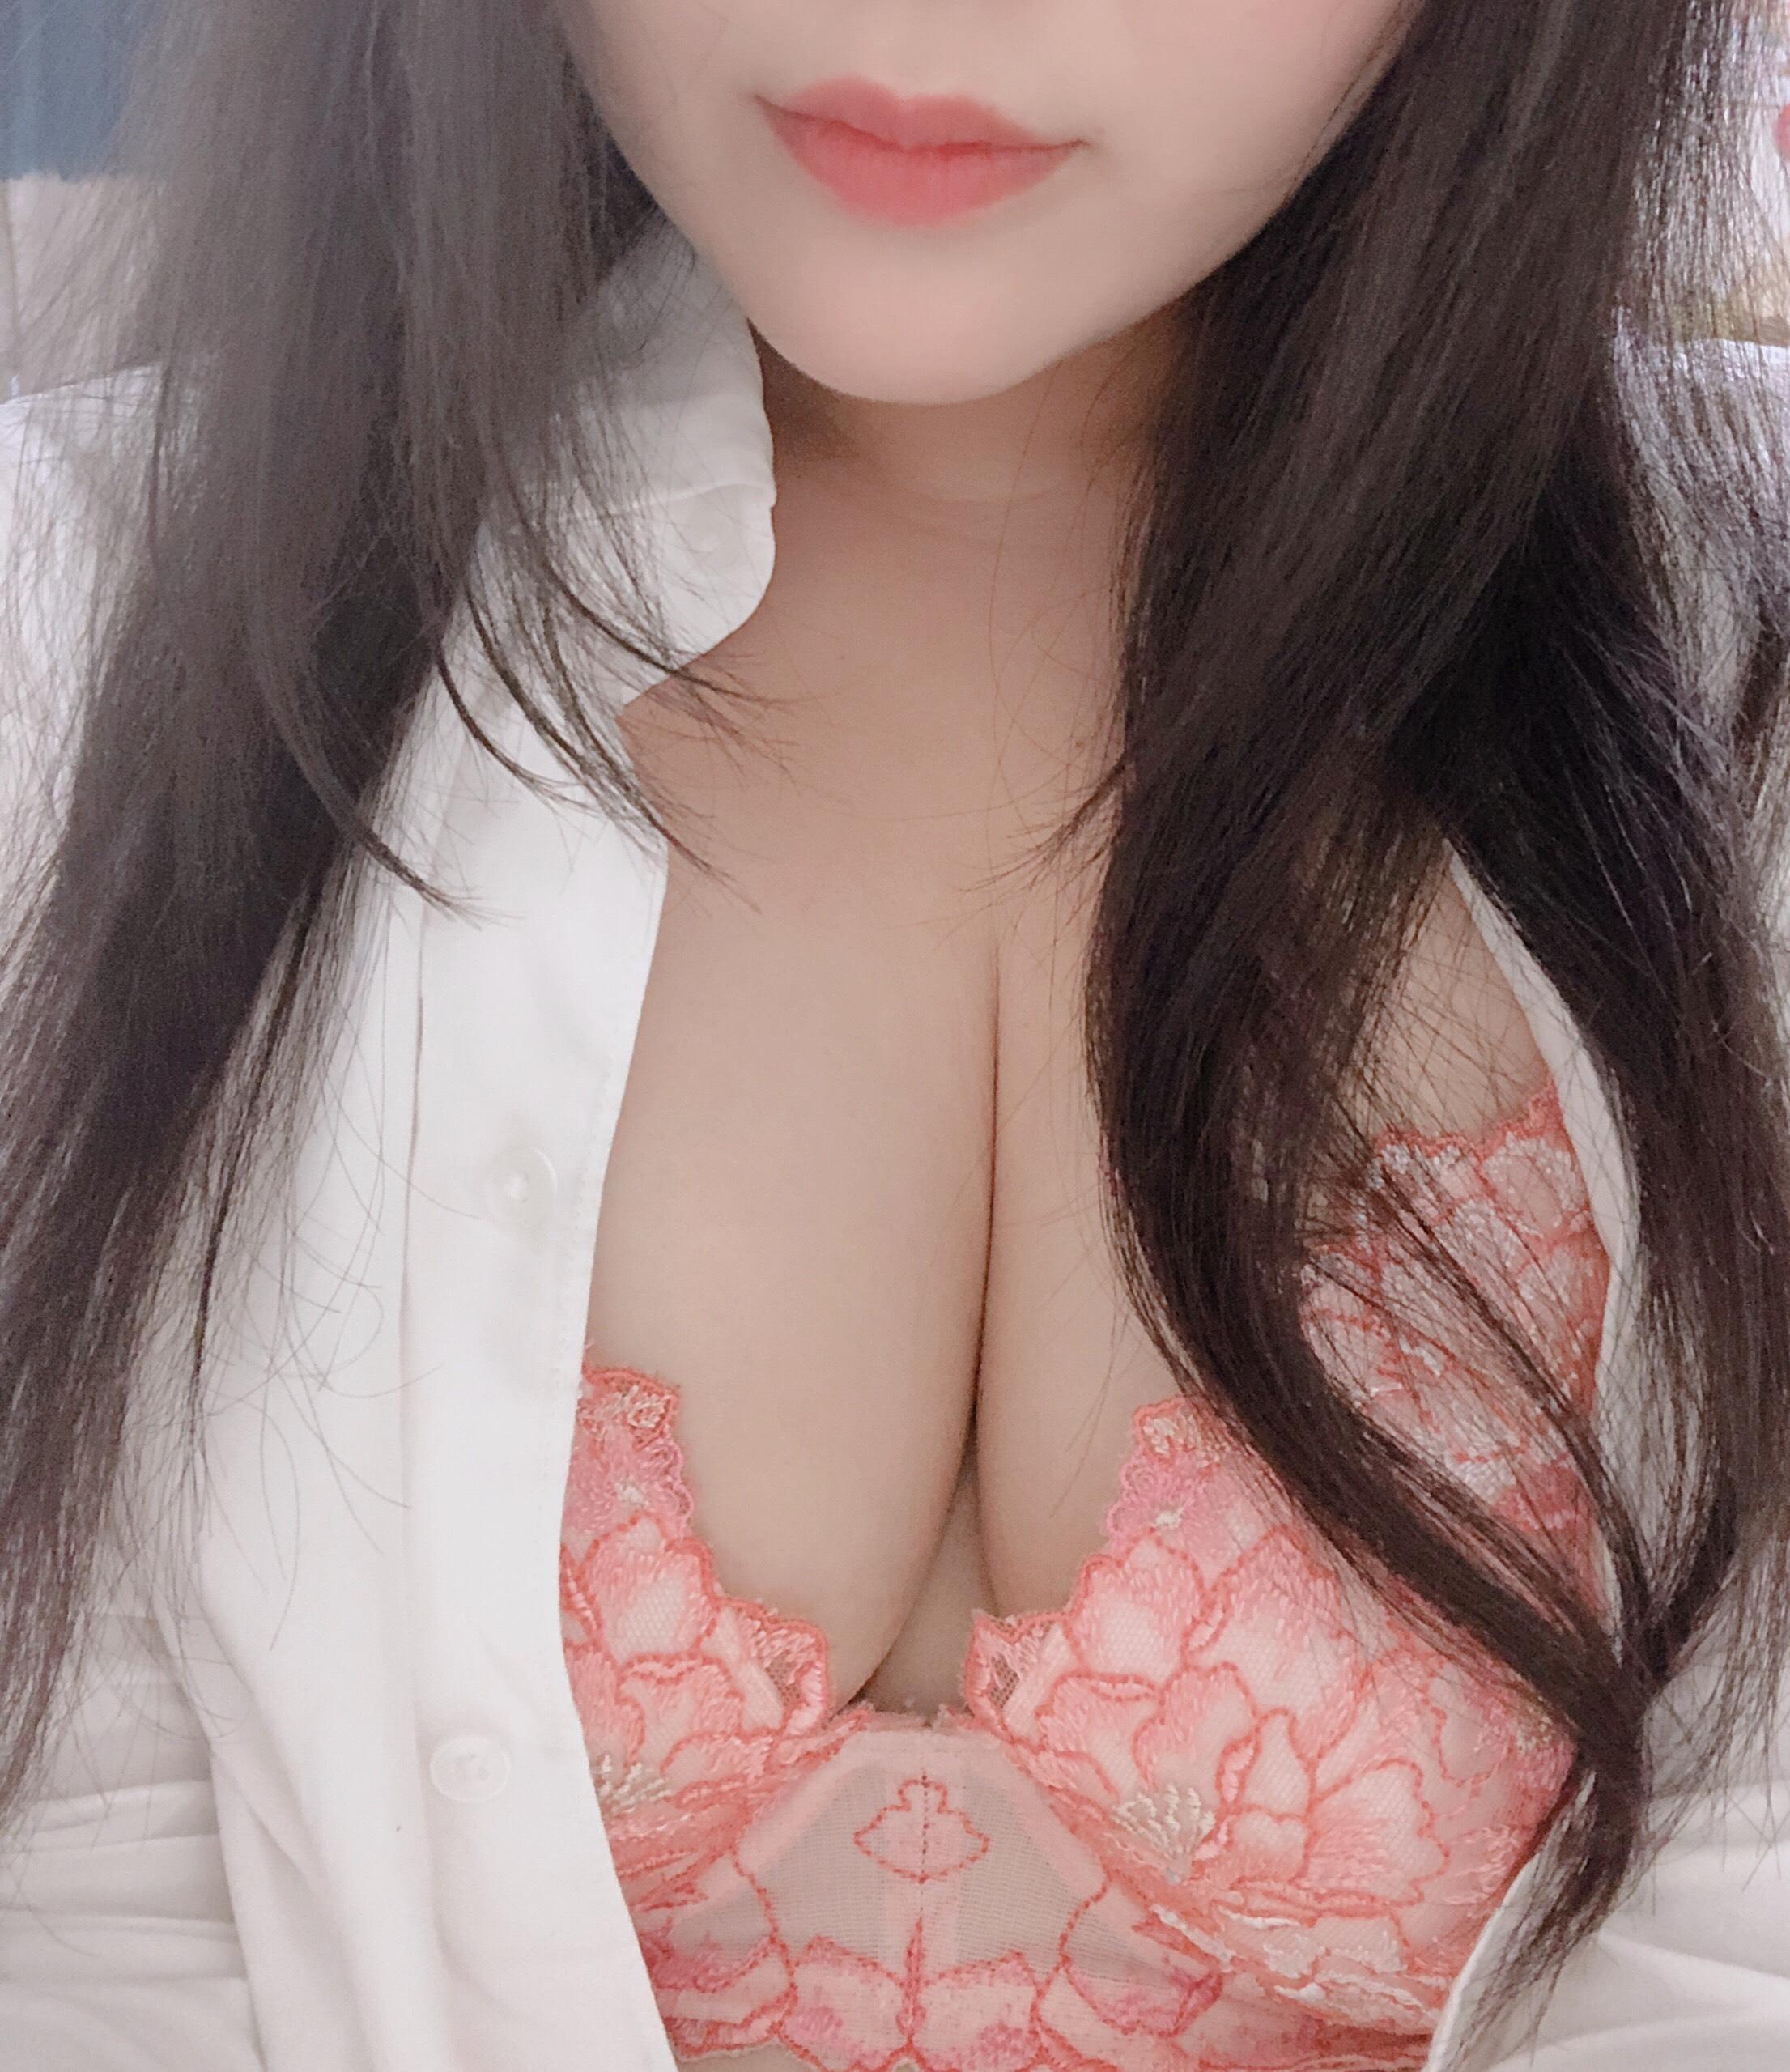 「おはようございます!」10/09(火) 09:40 | 真理亜『まりあ』の写メ・風俗動画